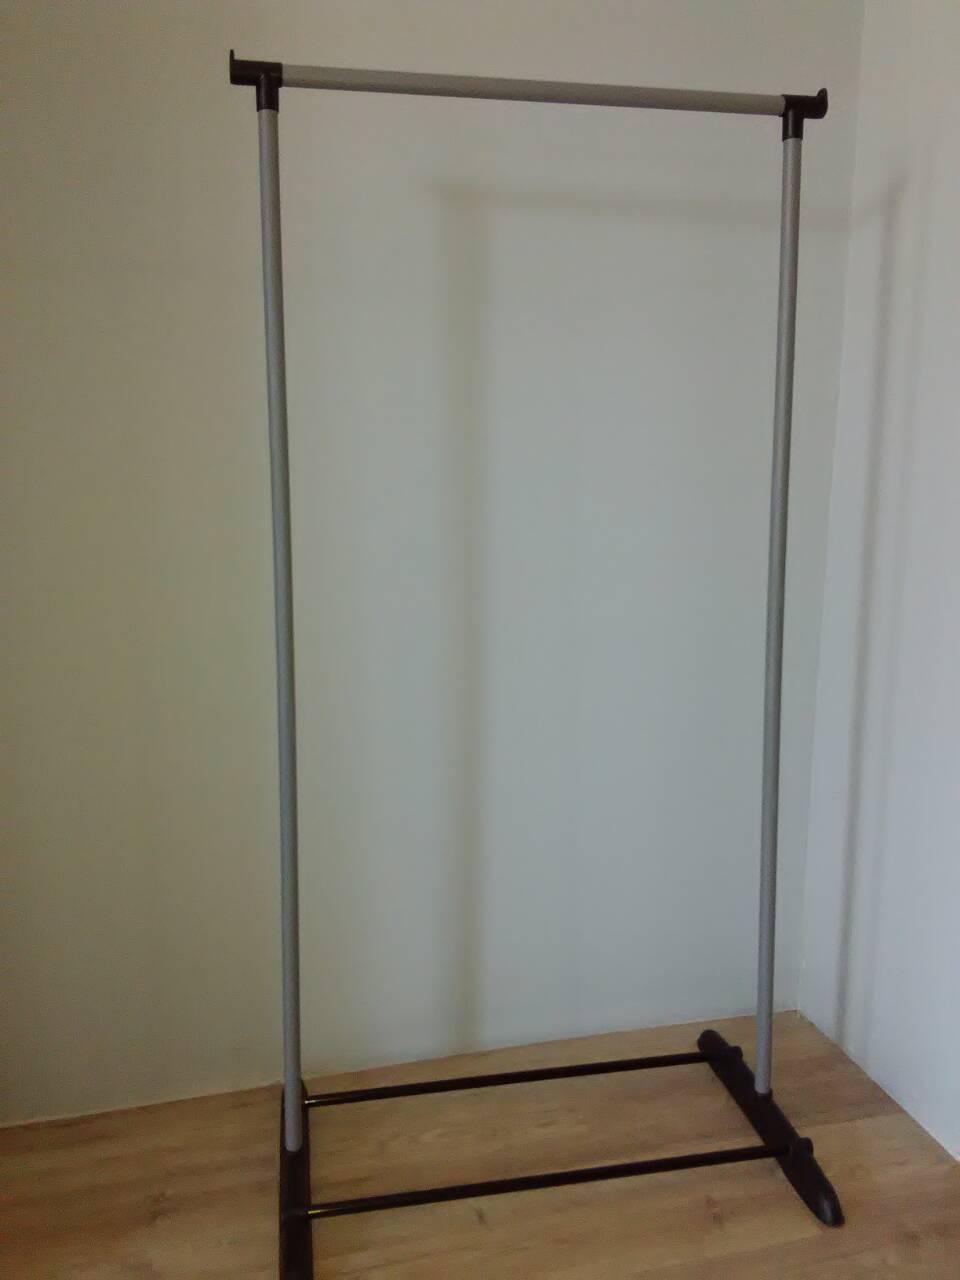 Стойка  вешалка для одежды напольная  71 см шириной, фото 1